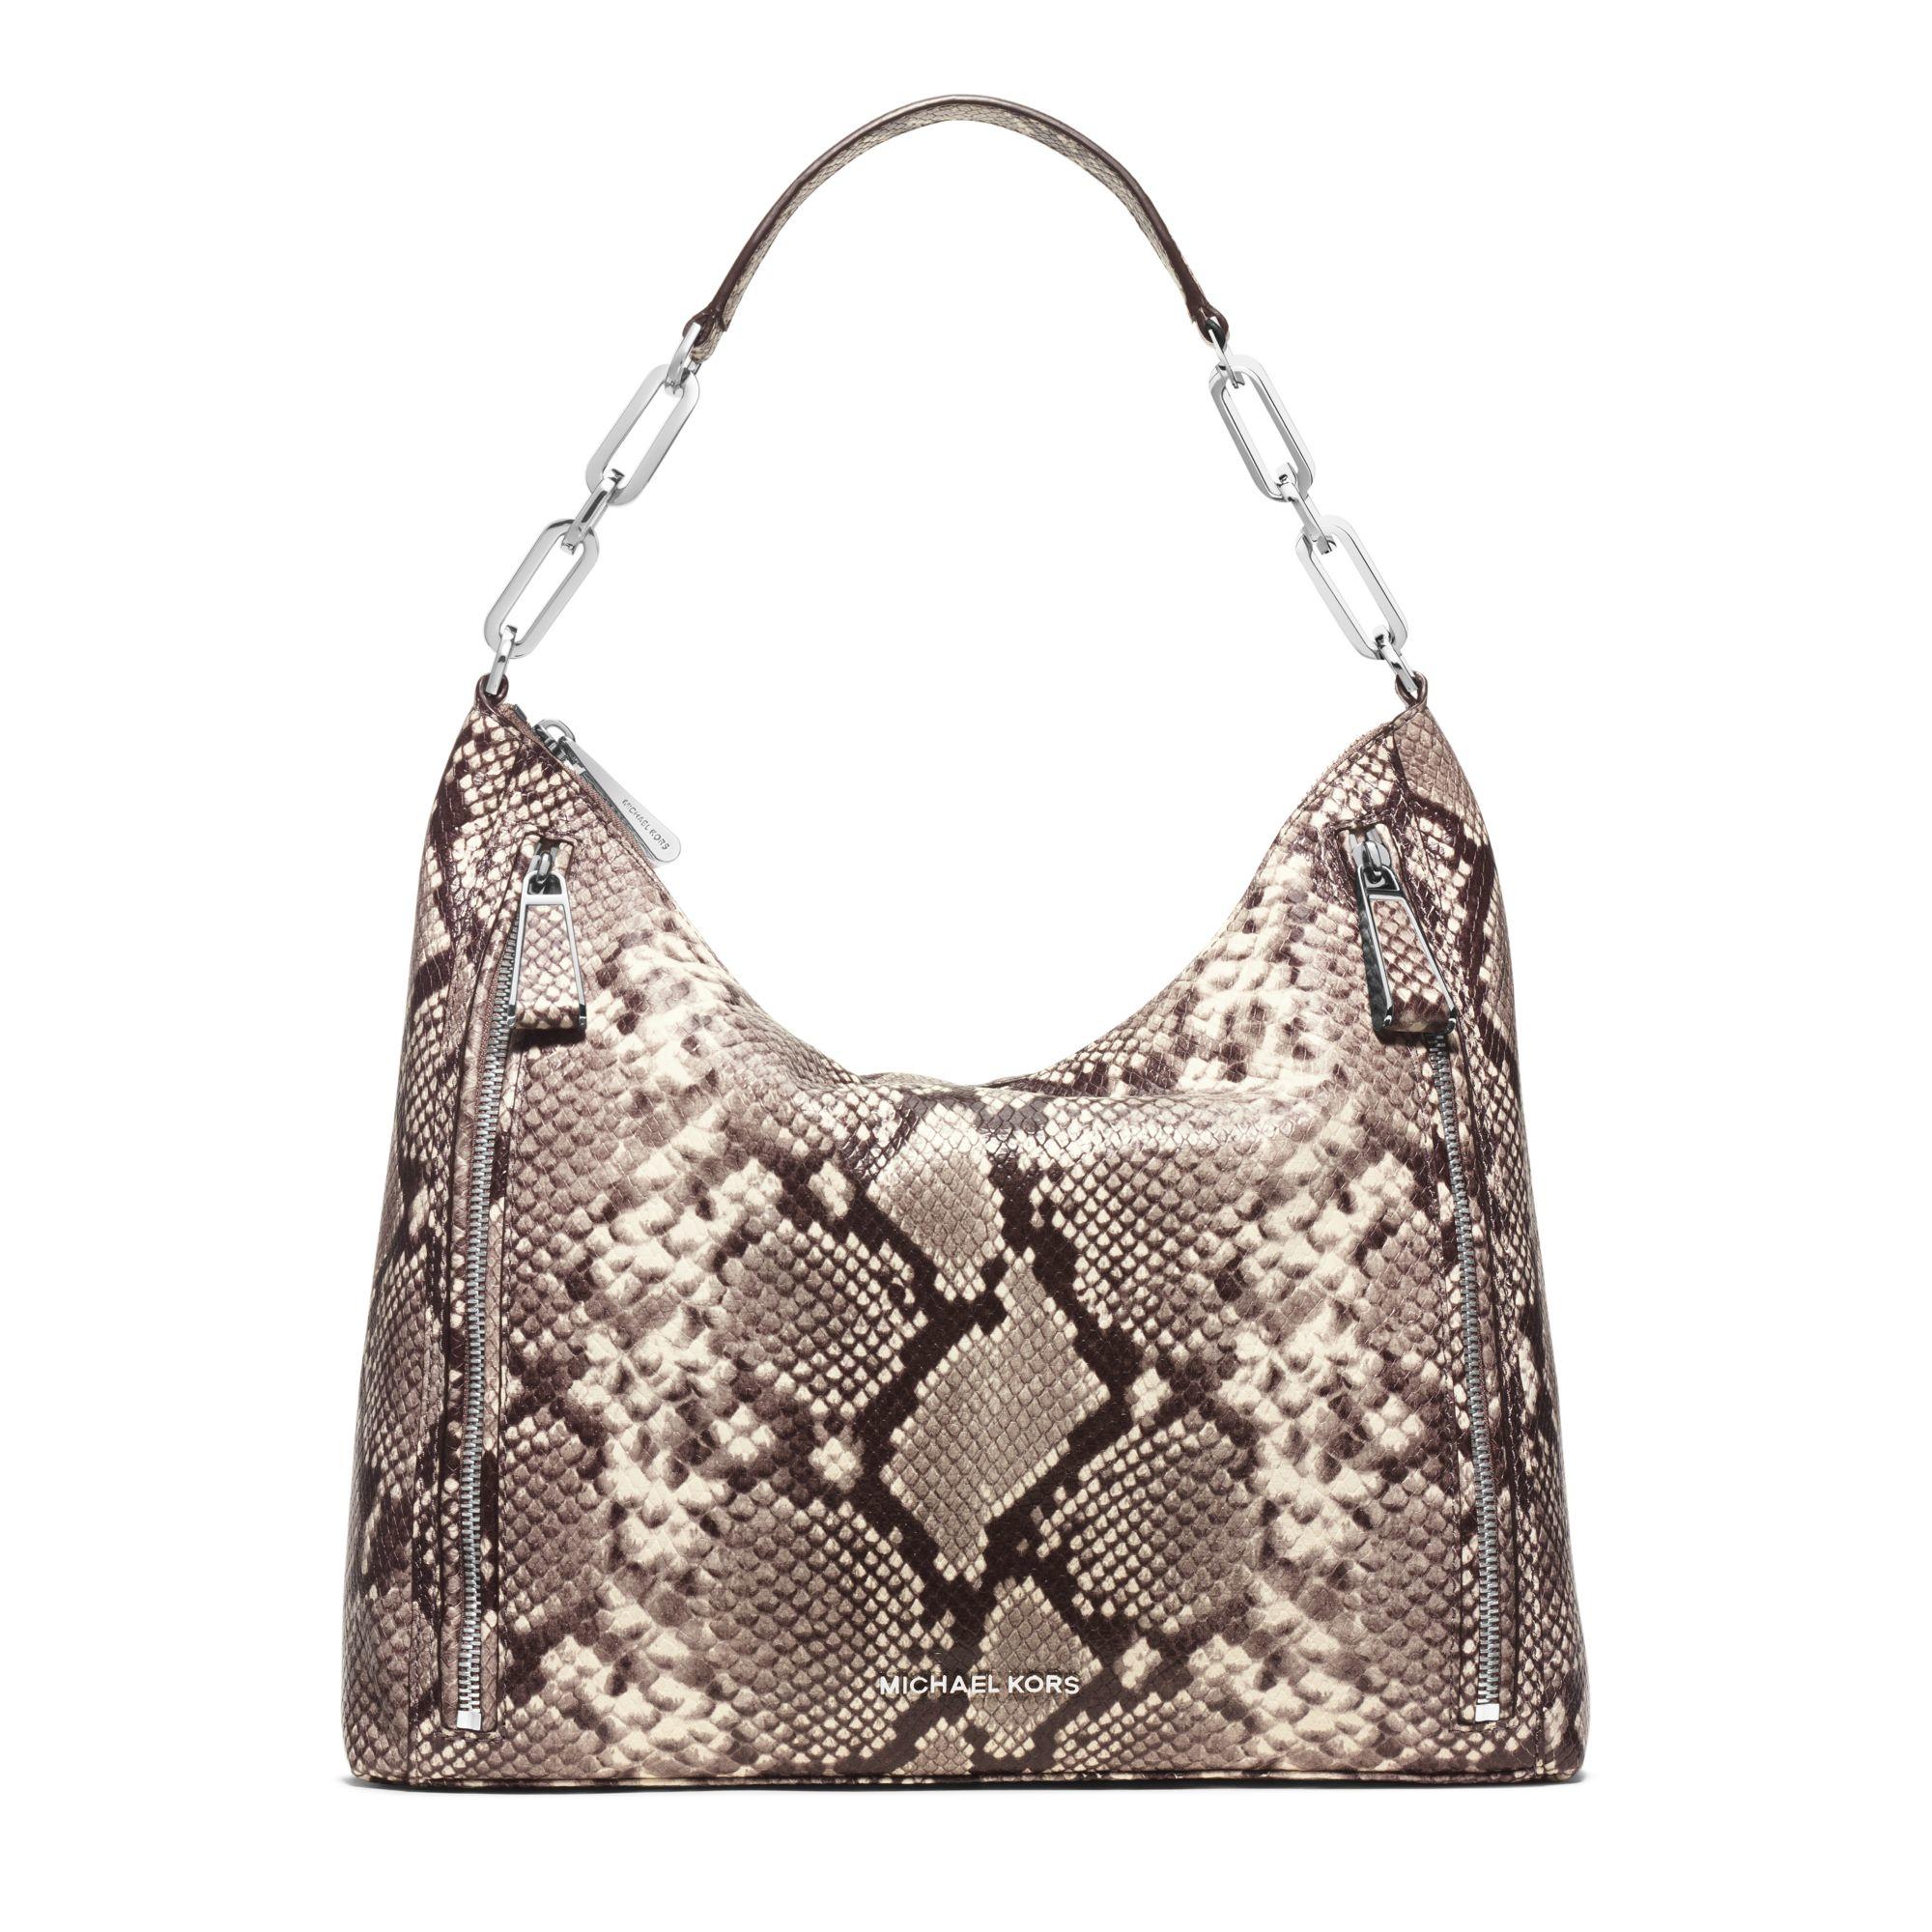 5f20e1da47b8 Michael Kors Matilda Large Embossed-leather Shoulder Bag in Natural ...